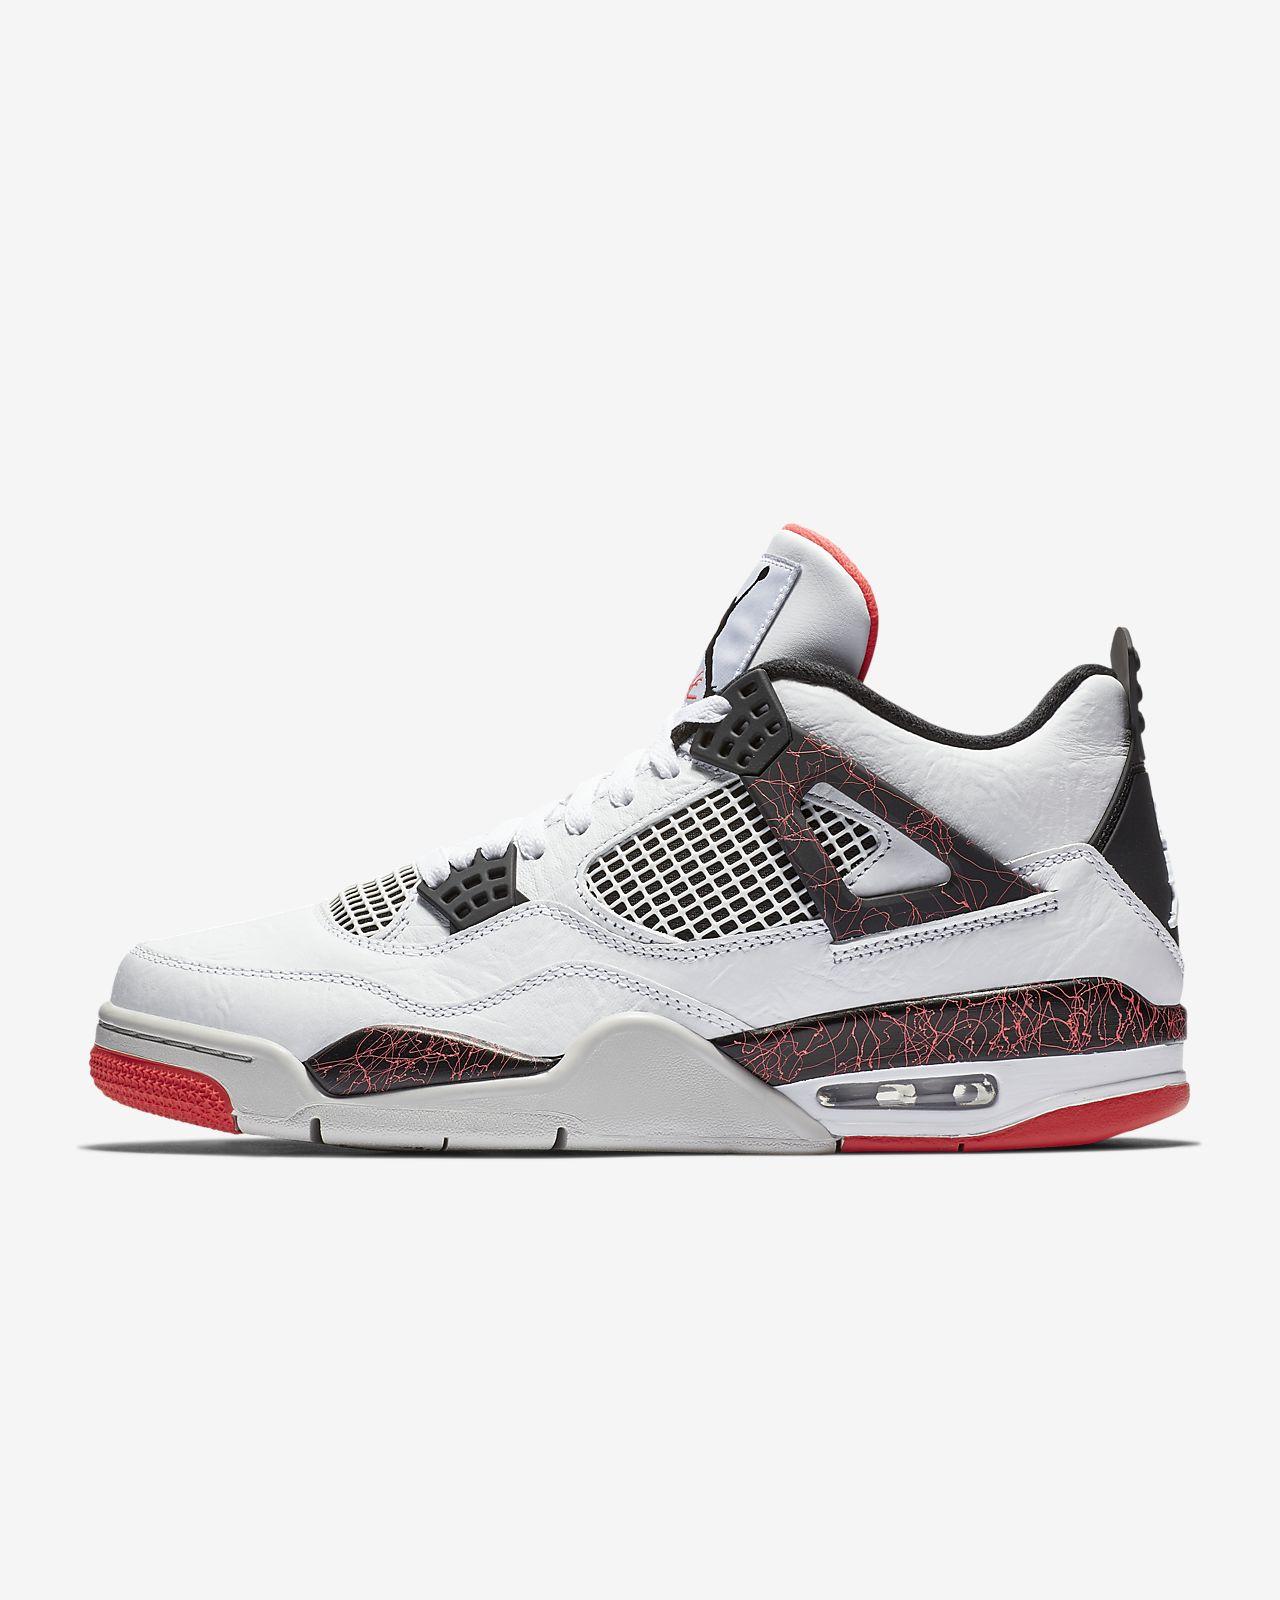 quality design 8fe7c 5be28 ... Sko Air Jordan 4 Retro för män